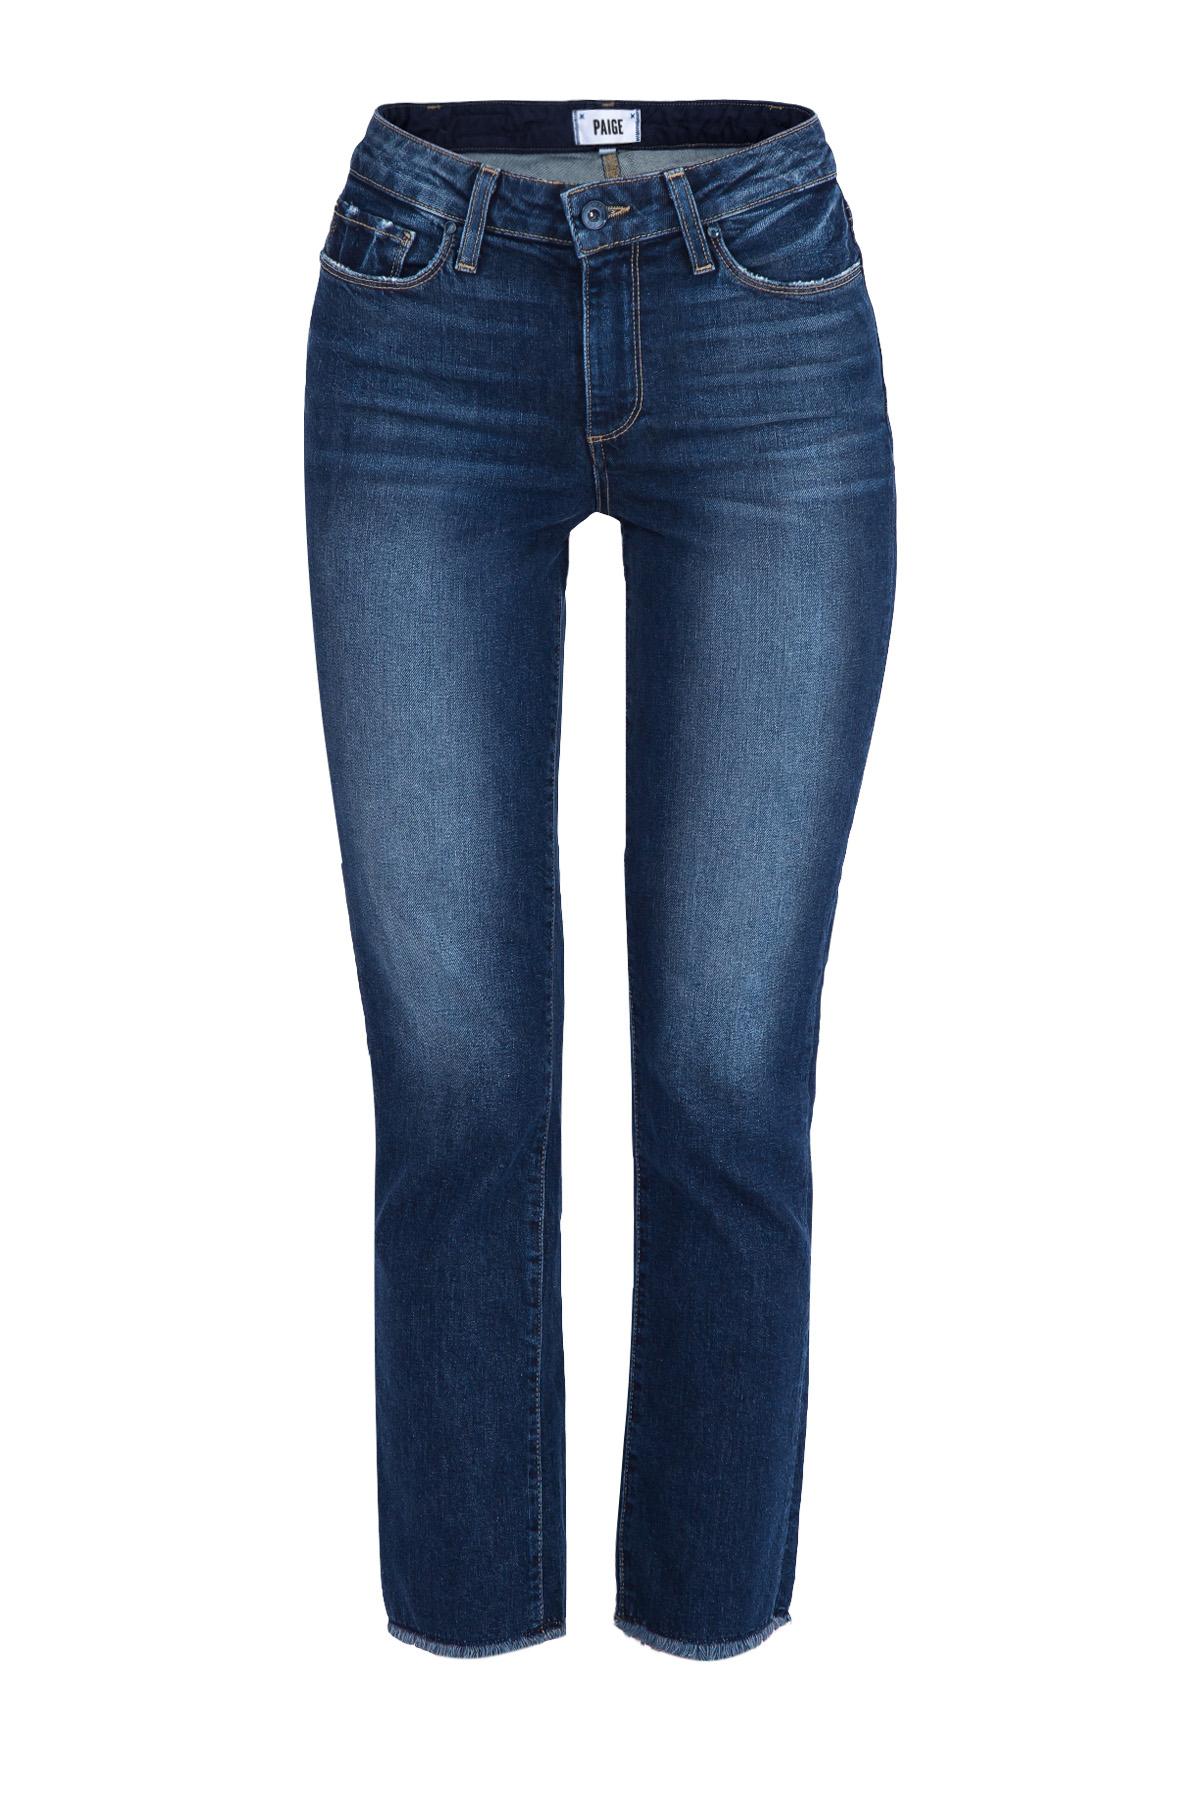 джинсыДжинсы<br><br>Материал: хлопок 94% ,  полиэстер 5% ,  эластан 1%;